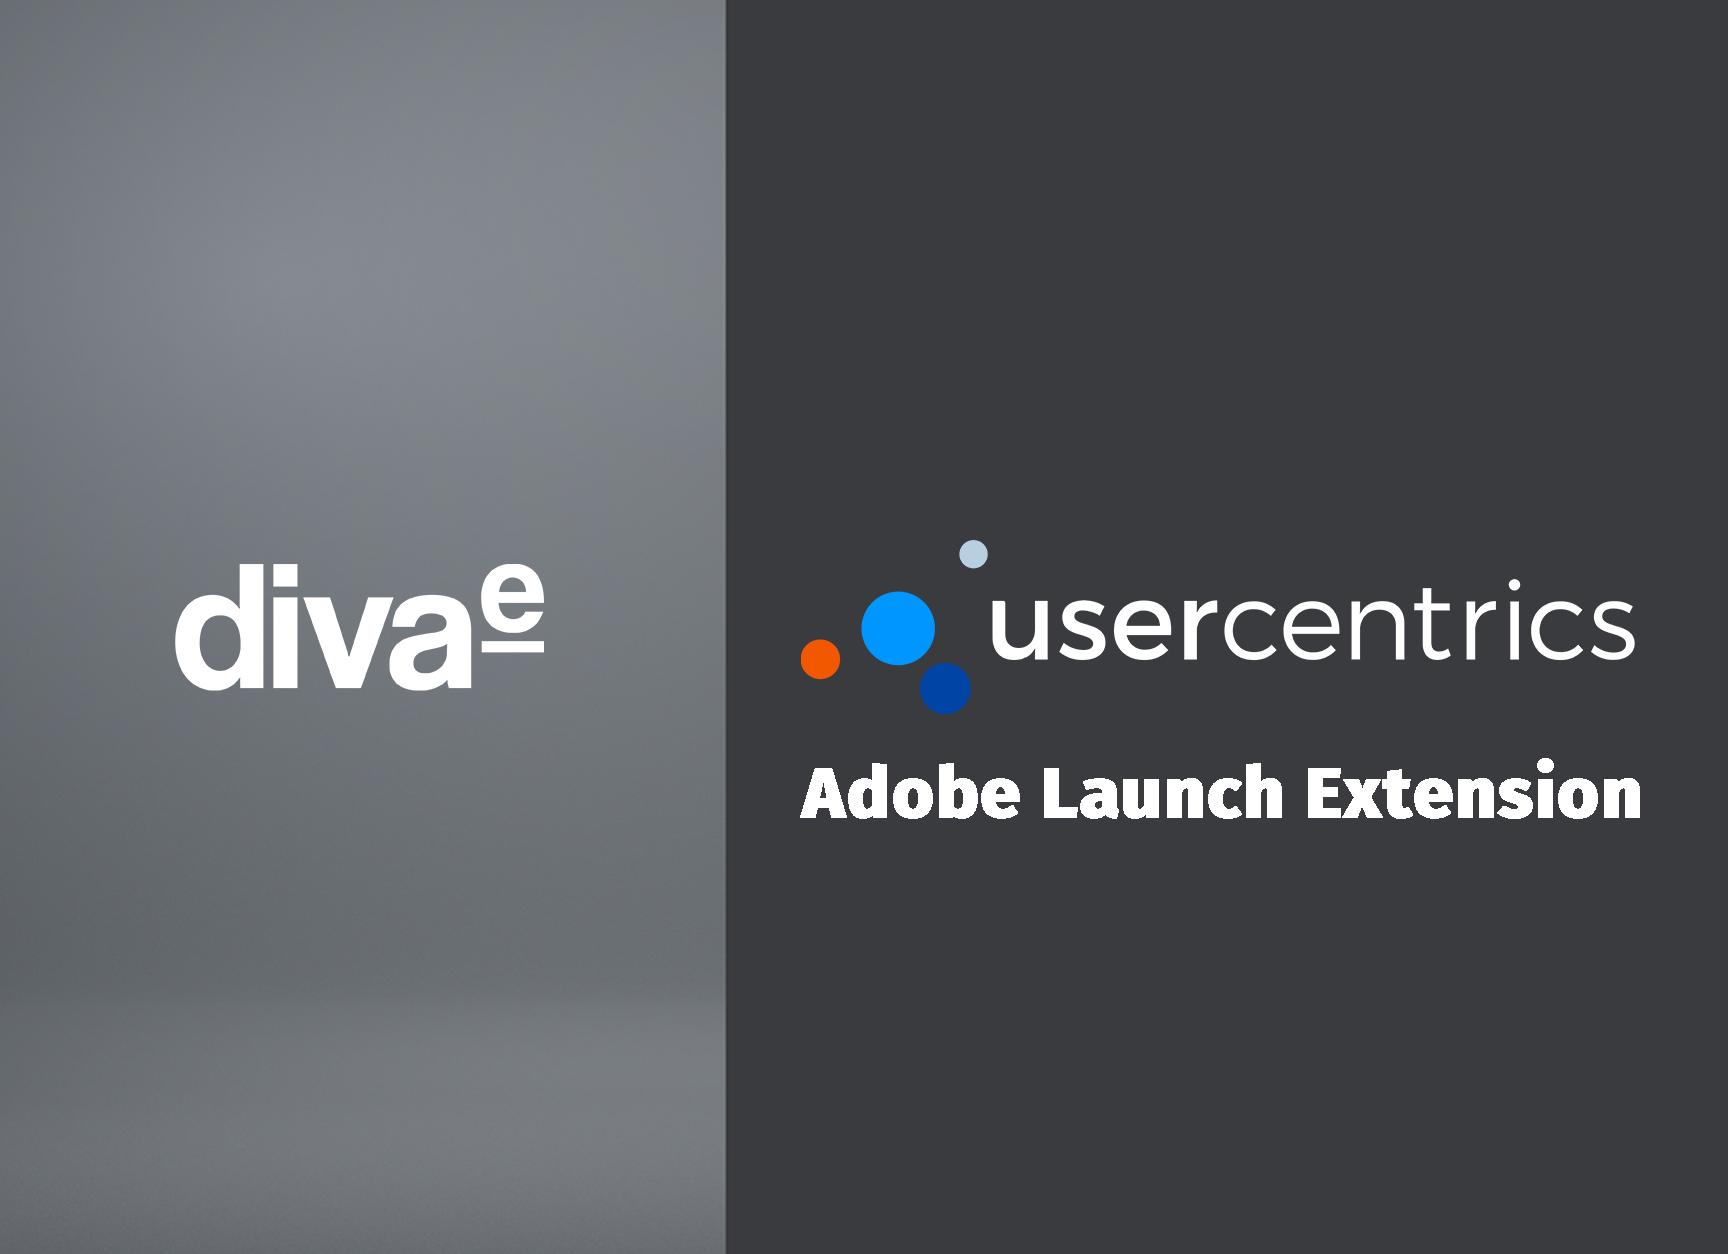 diva-e erleichtert mit neuer Adobe Launch Extension DSGVO-konformes Cookie Consent Management